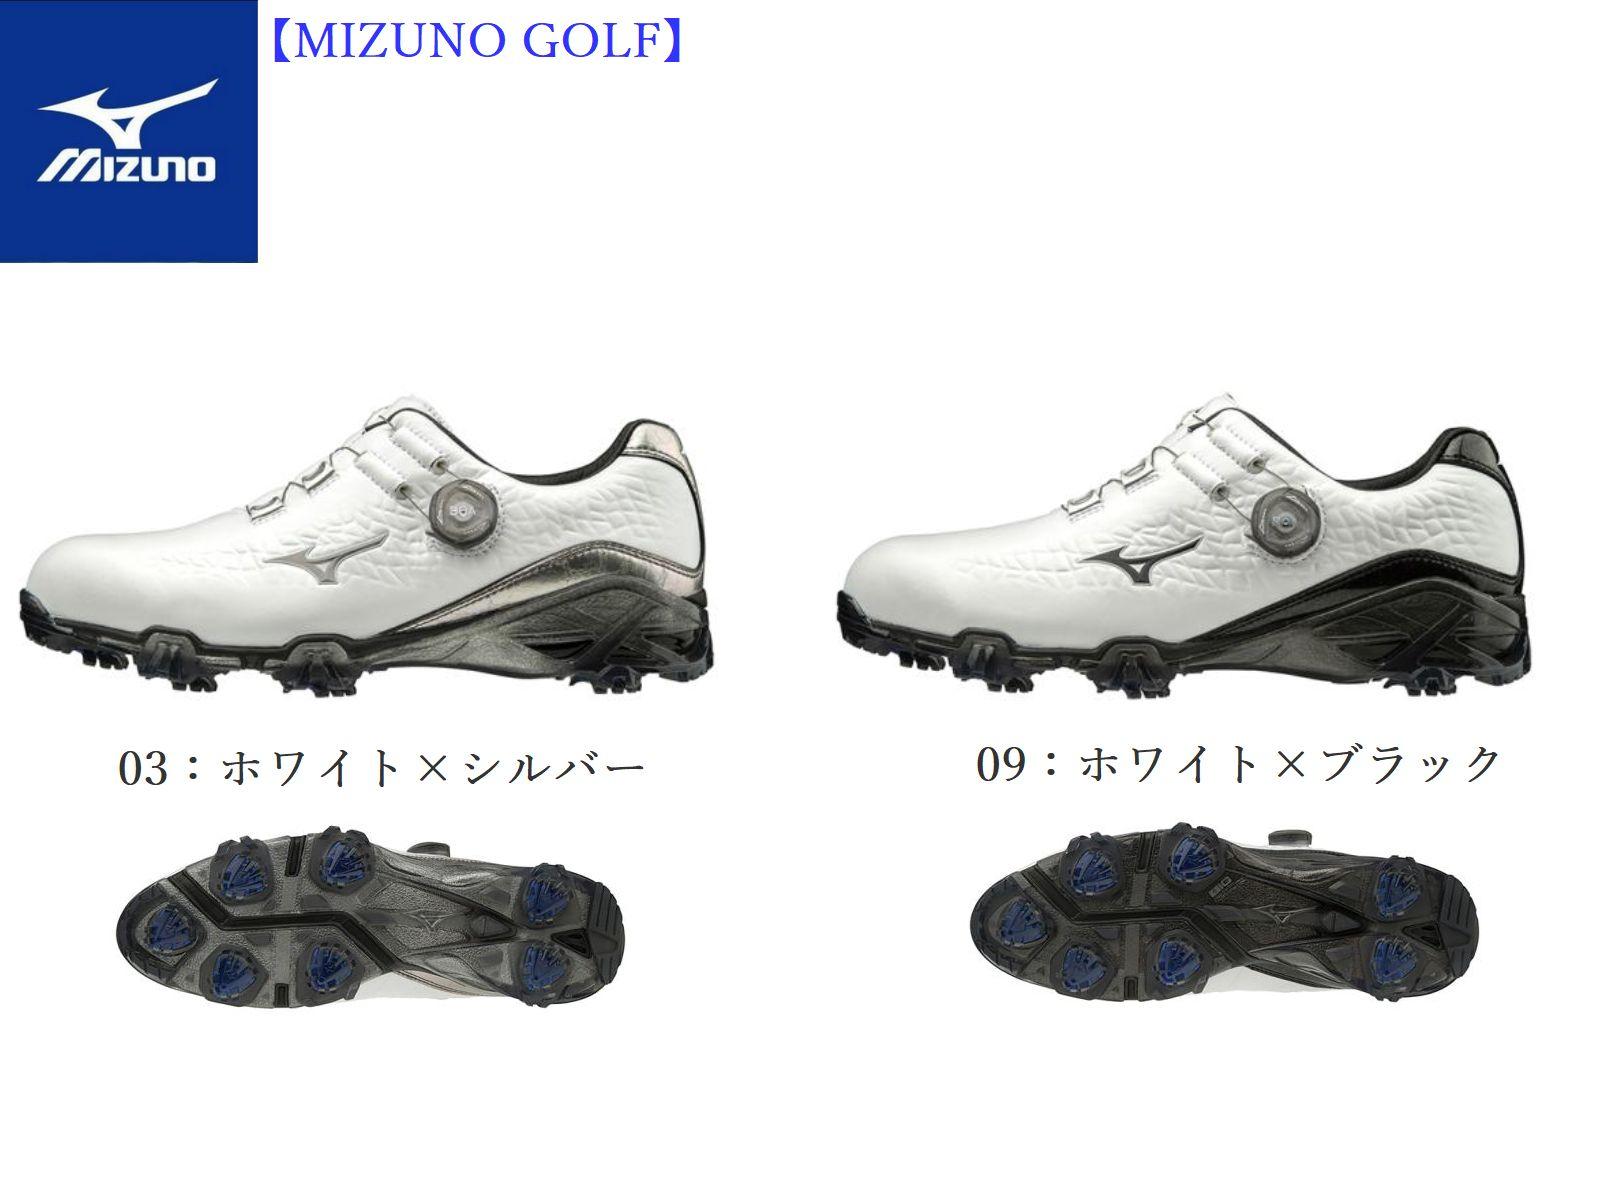 【Mizuno GOLF=ミズノ ゴルフ】ゴルフシューズ ゴルフ【ジェネム009ボア EEE(ゴルフ)】[メンズ]【ホワイト×シルバー】【ホワイト×ブラック】(24.0~28.0、29.0cm)(シューズ幅3E相当の方向け)